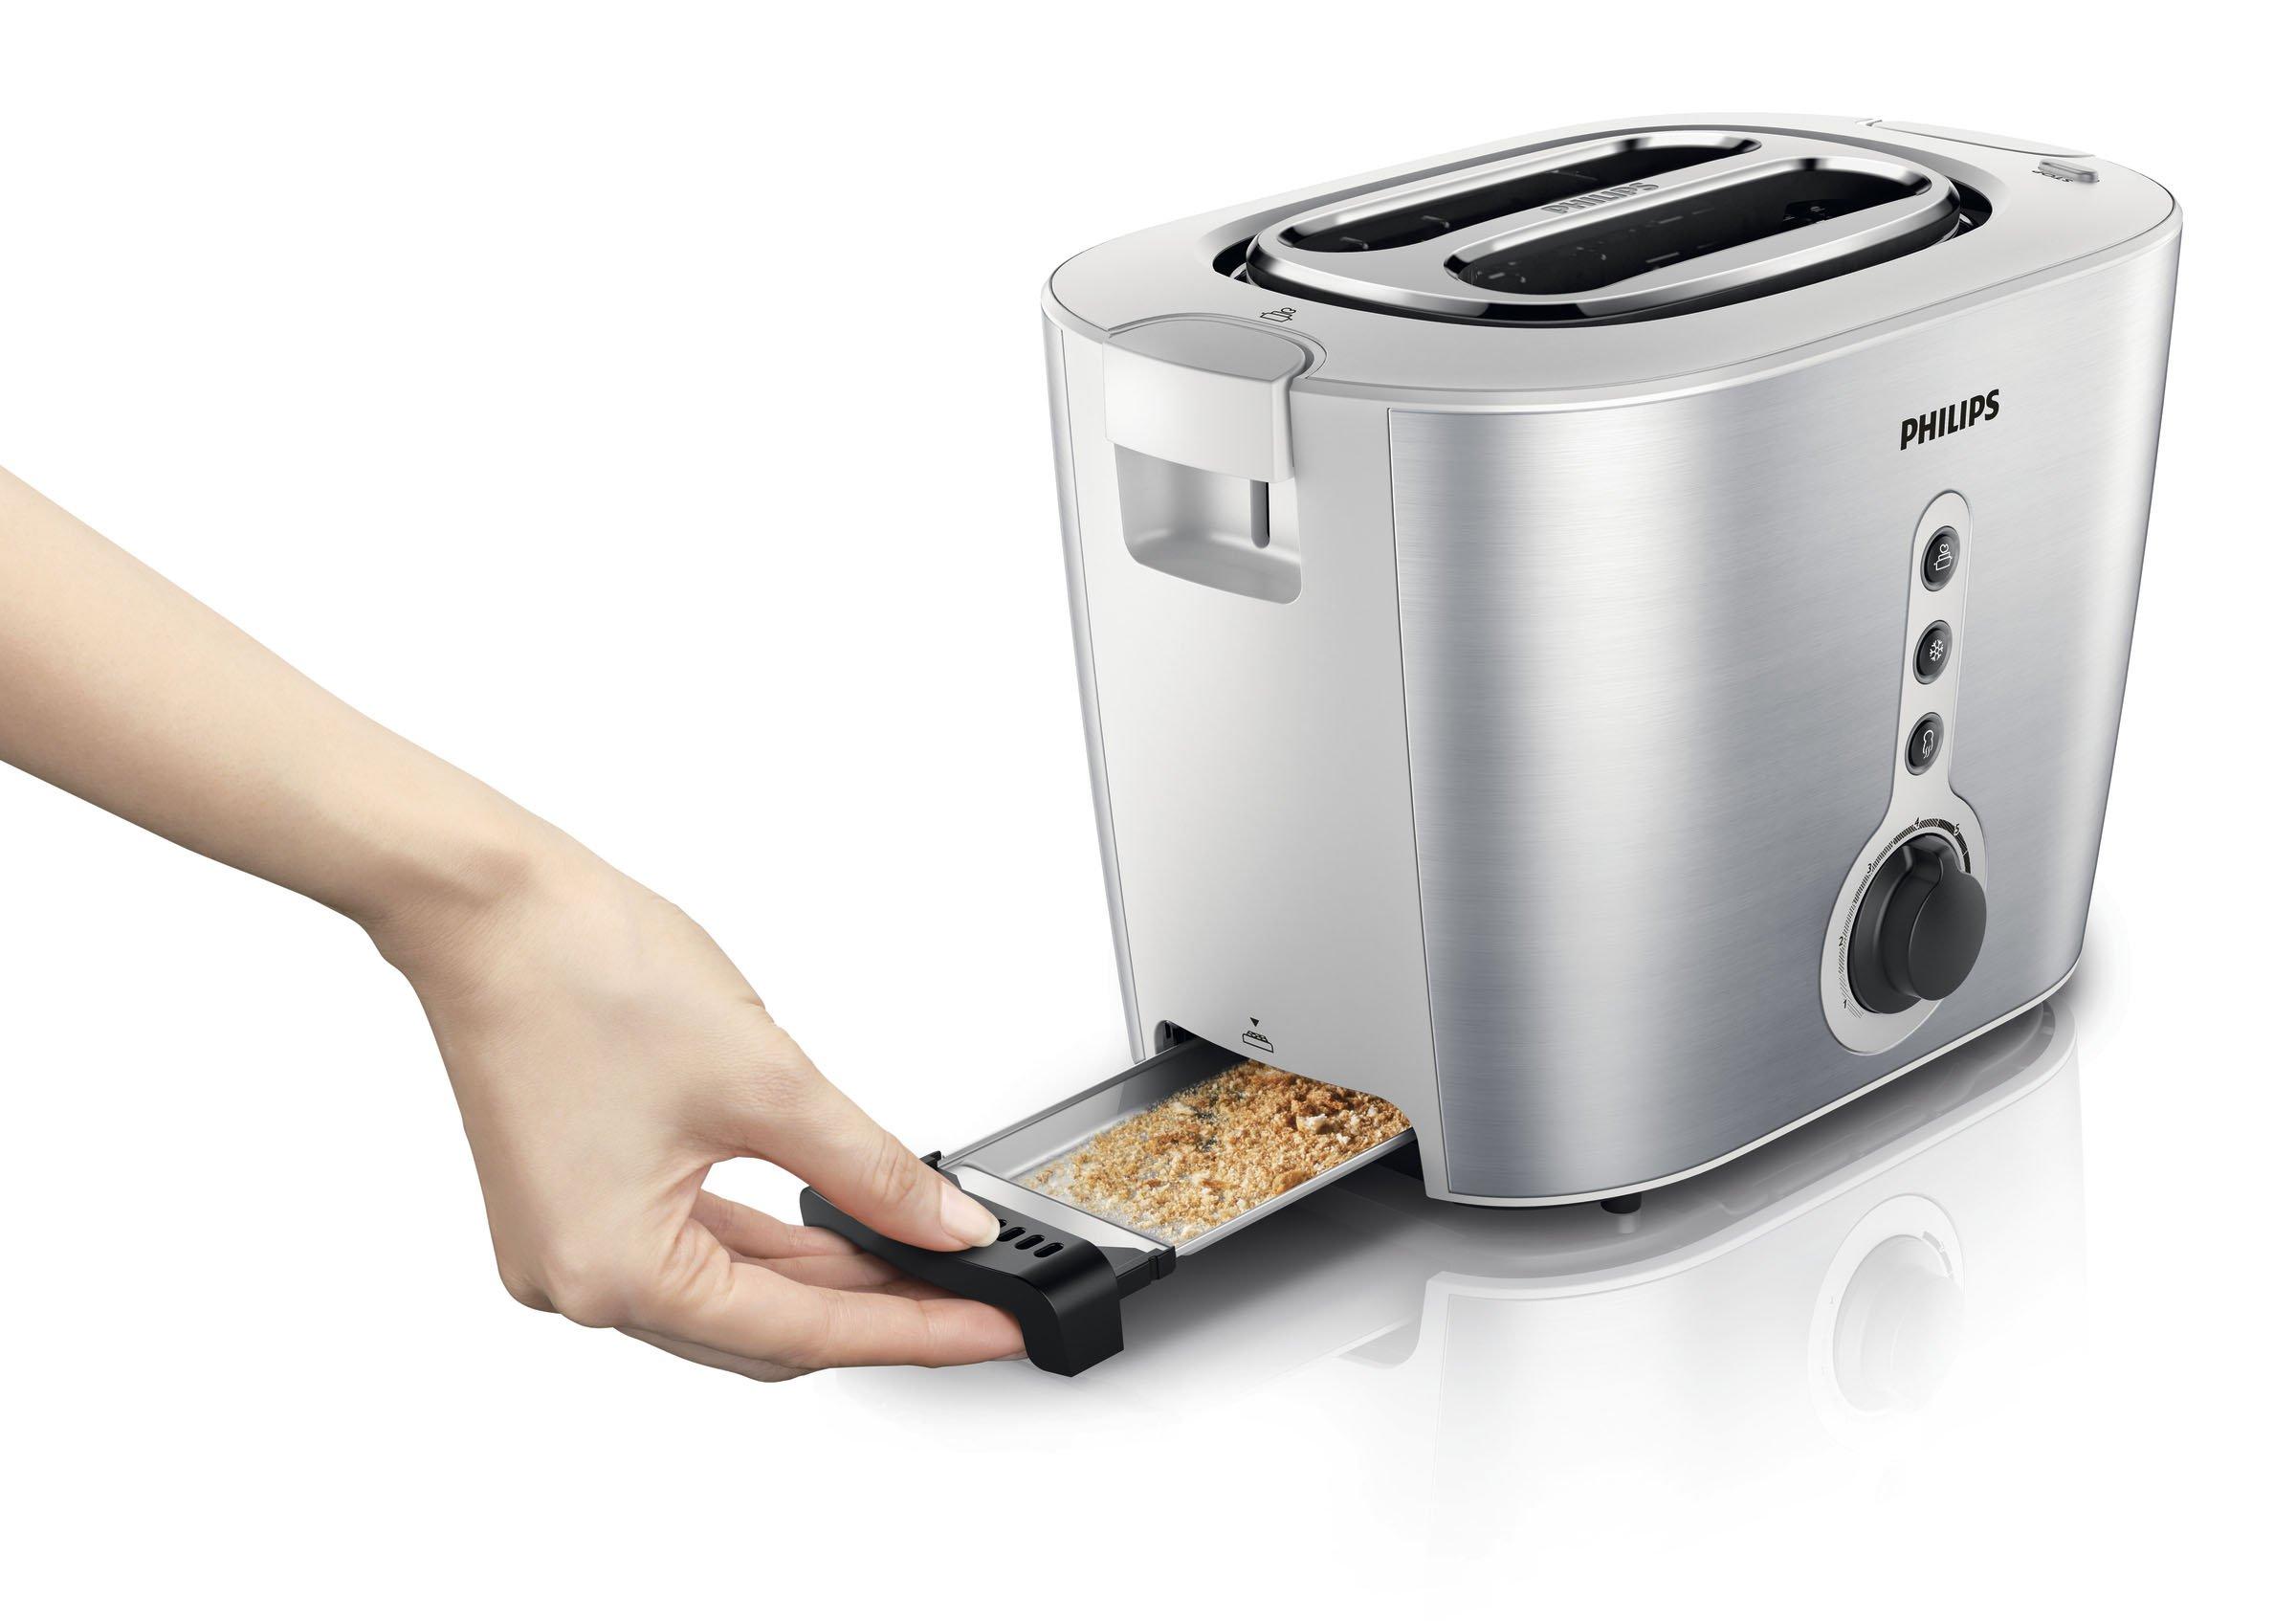 Philips-HD263600-Toaster-aus-Edelstahl-1000-W-mit-Brtchenaufsatz-Silber